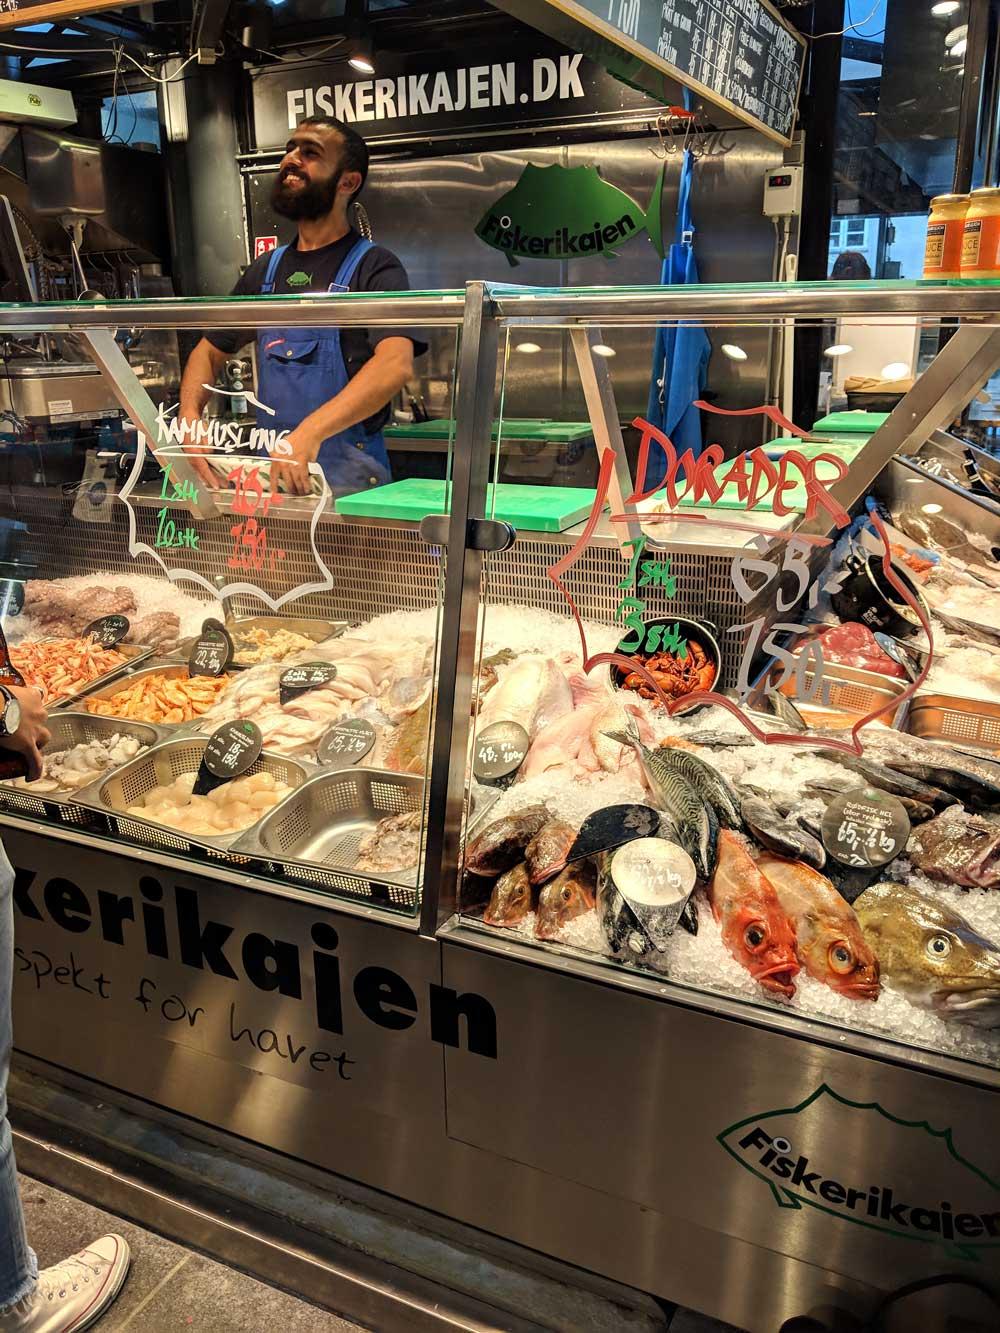 Torvehallerne fresh market